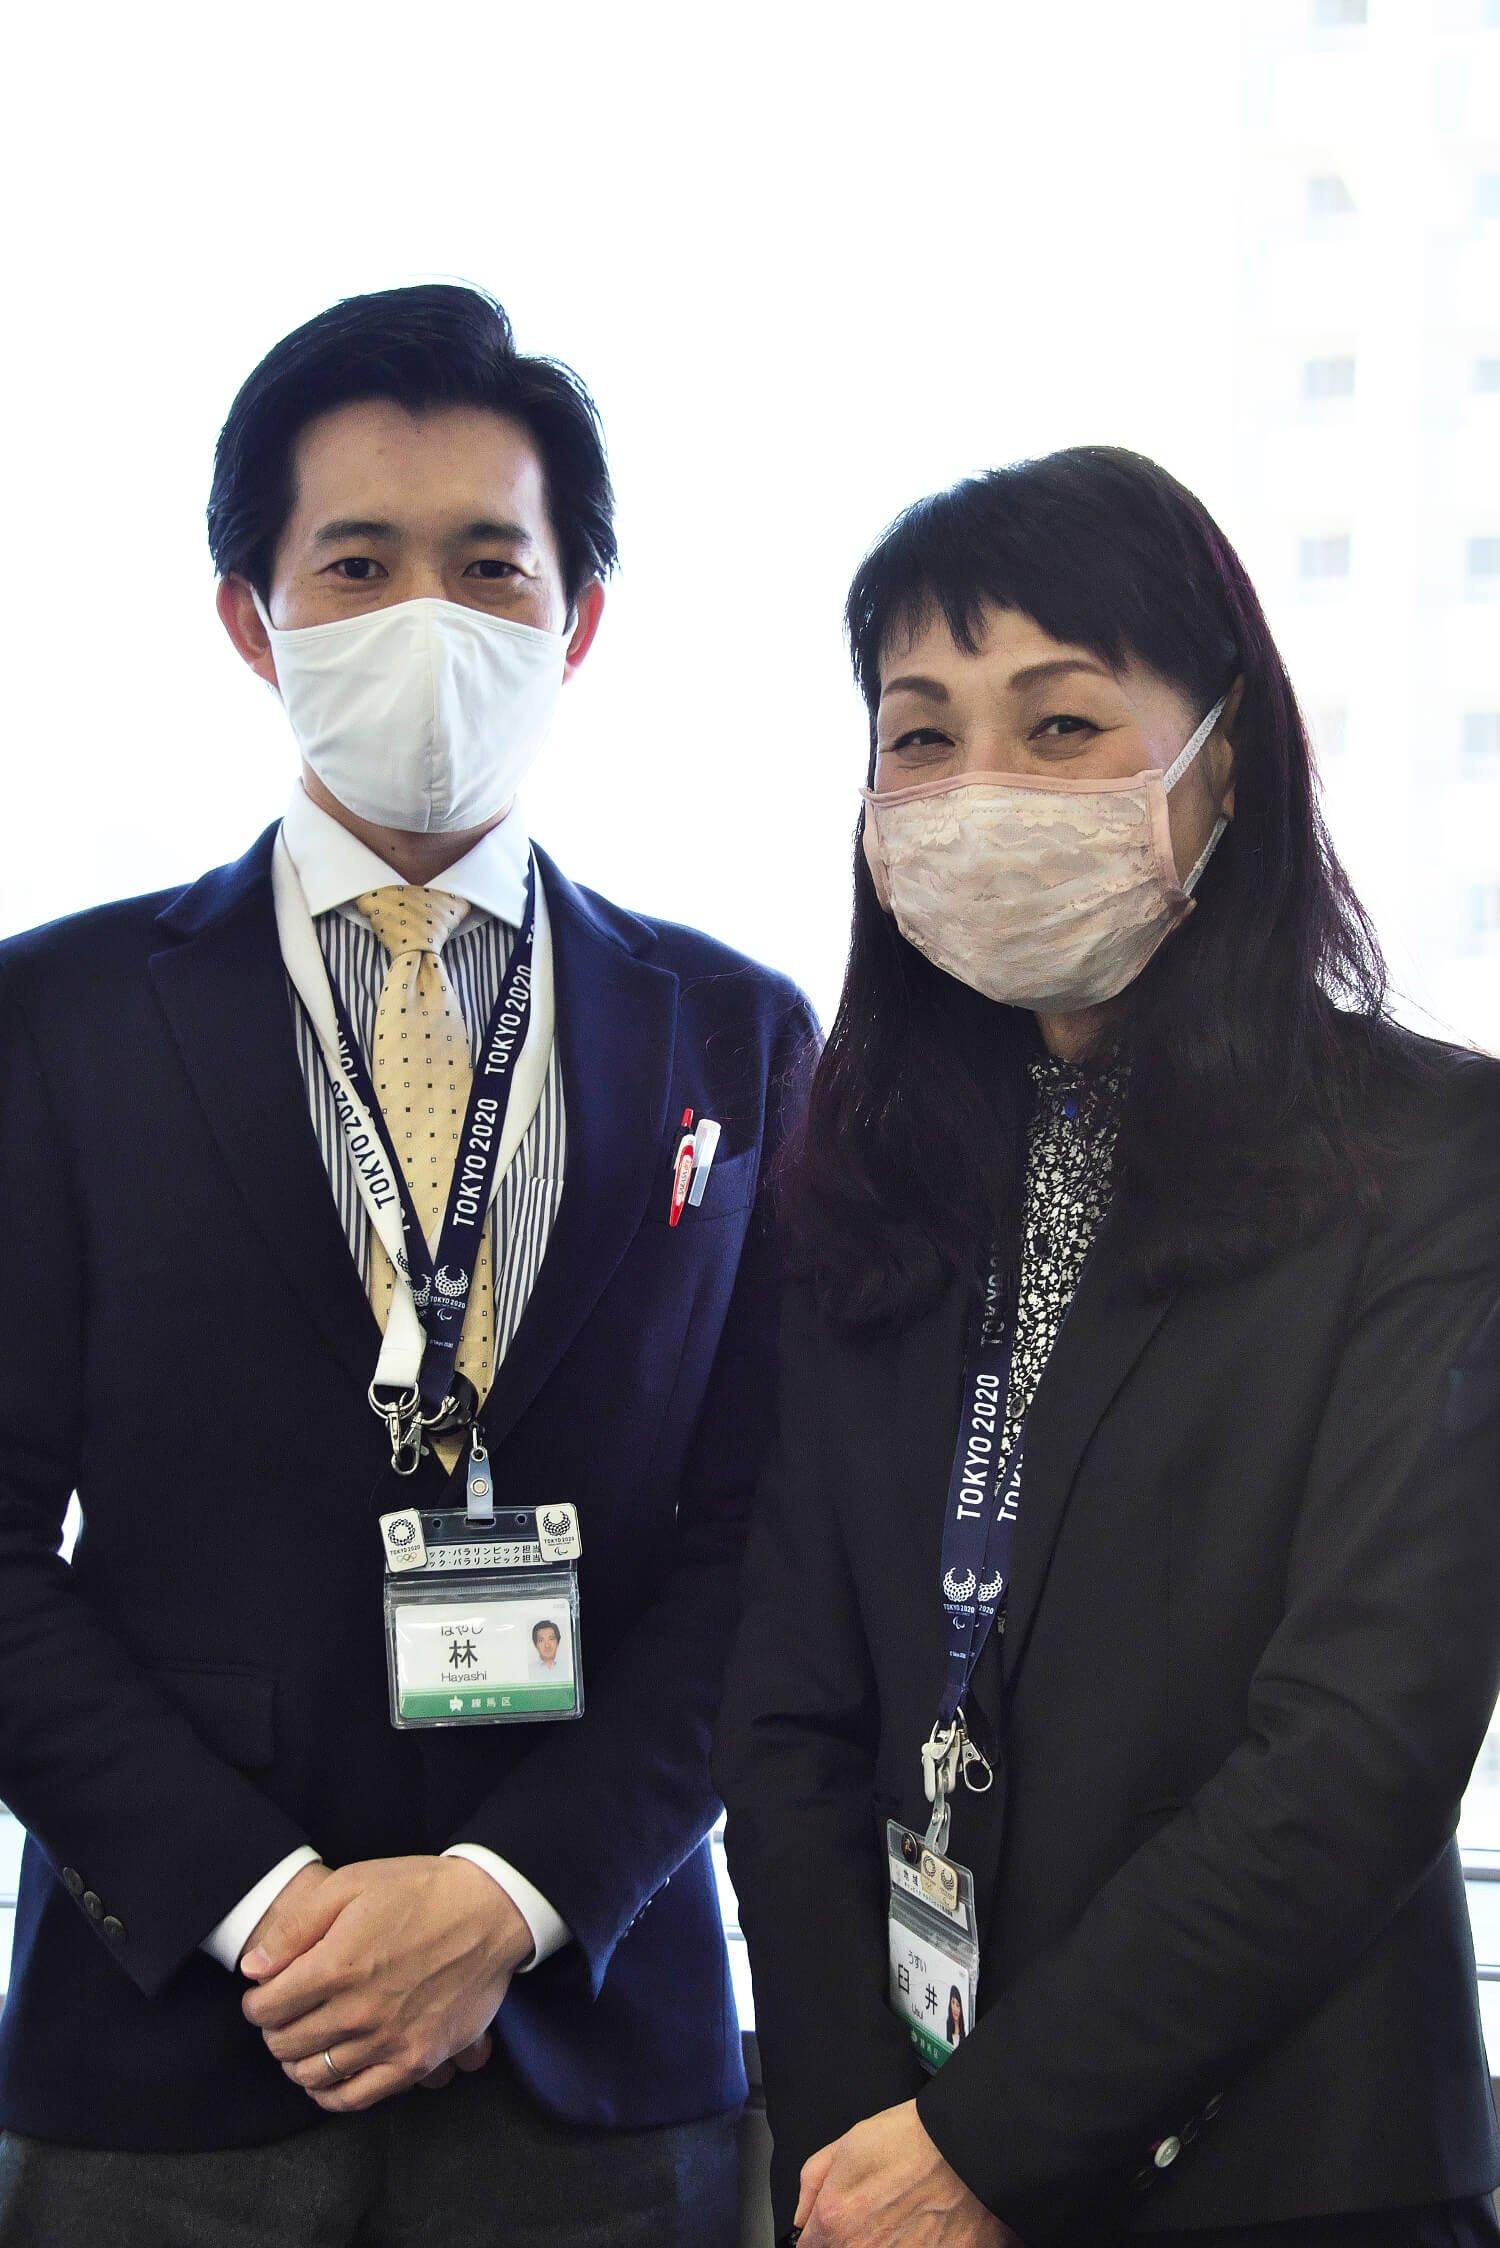 練馬区オリンピック・パラリンピック担当課の臼井素子さん(右)と林哲也さん。